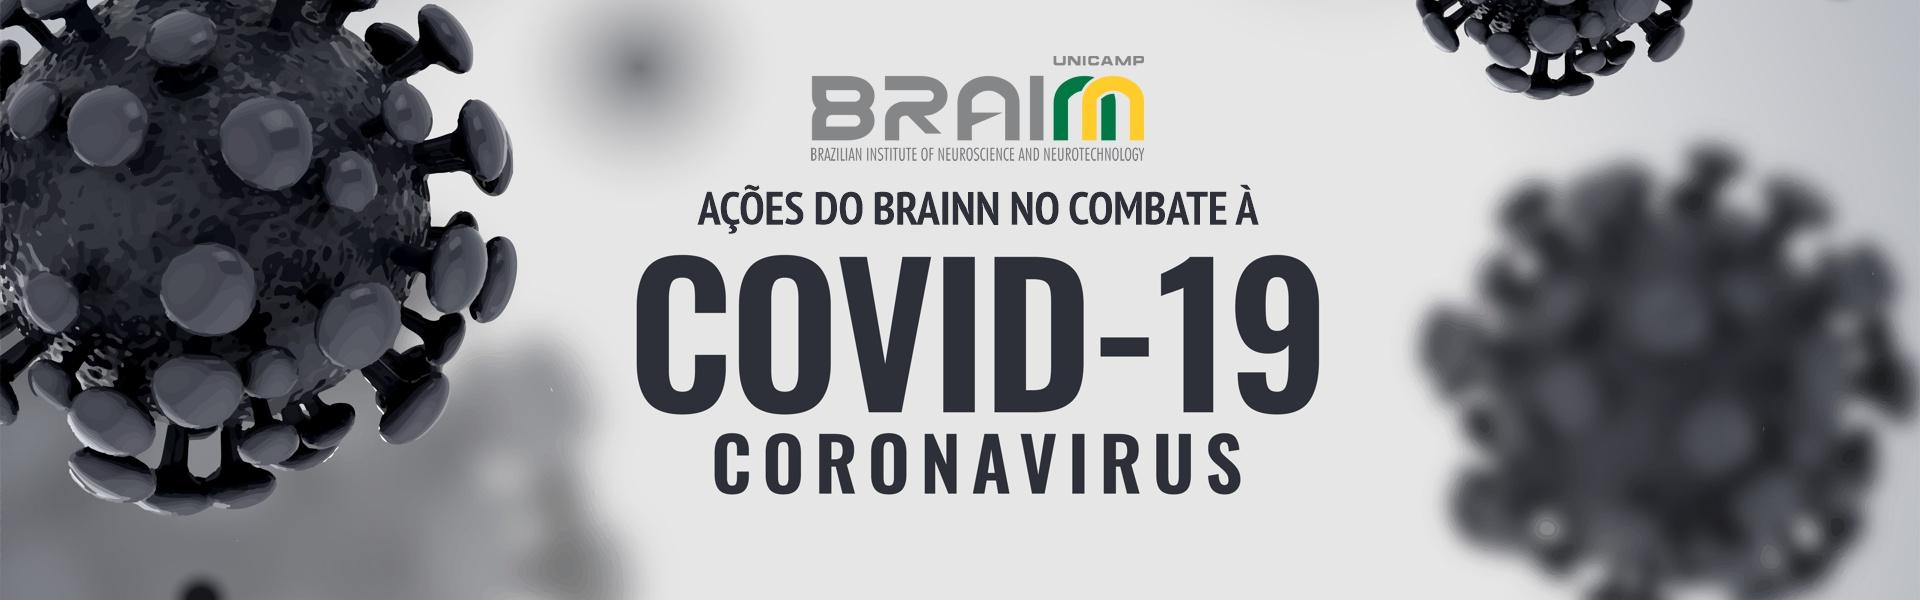 acoes do BRAINN no combate ao coronavirus